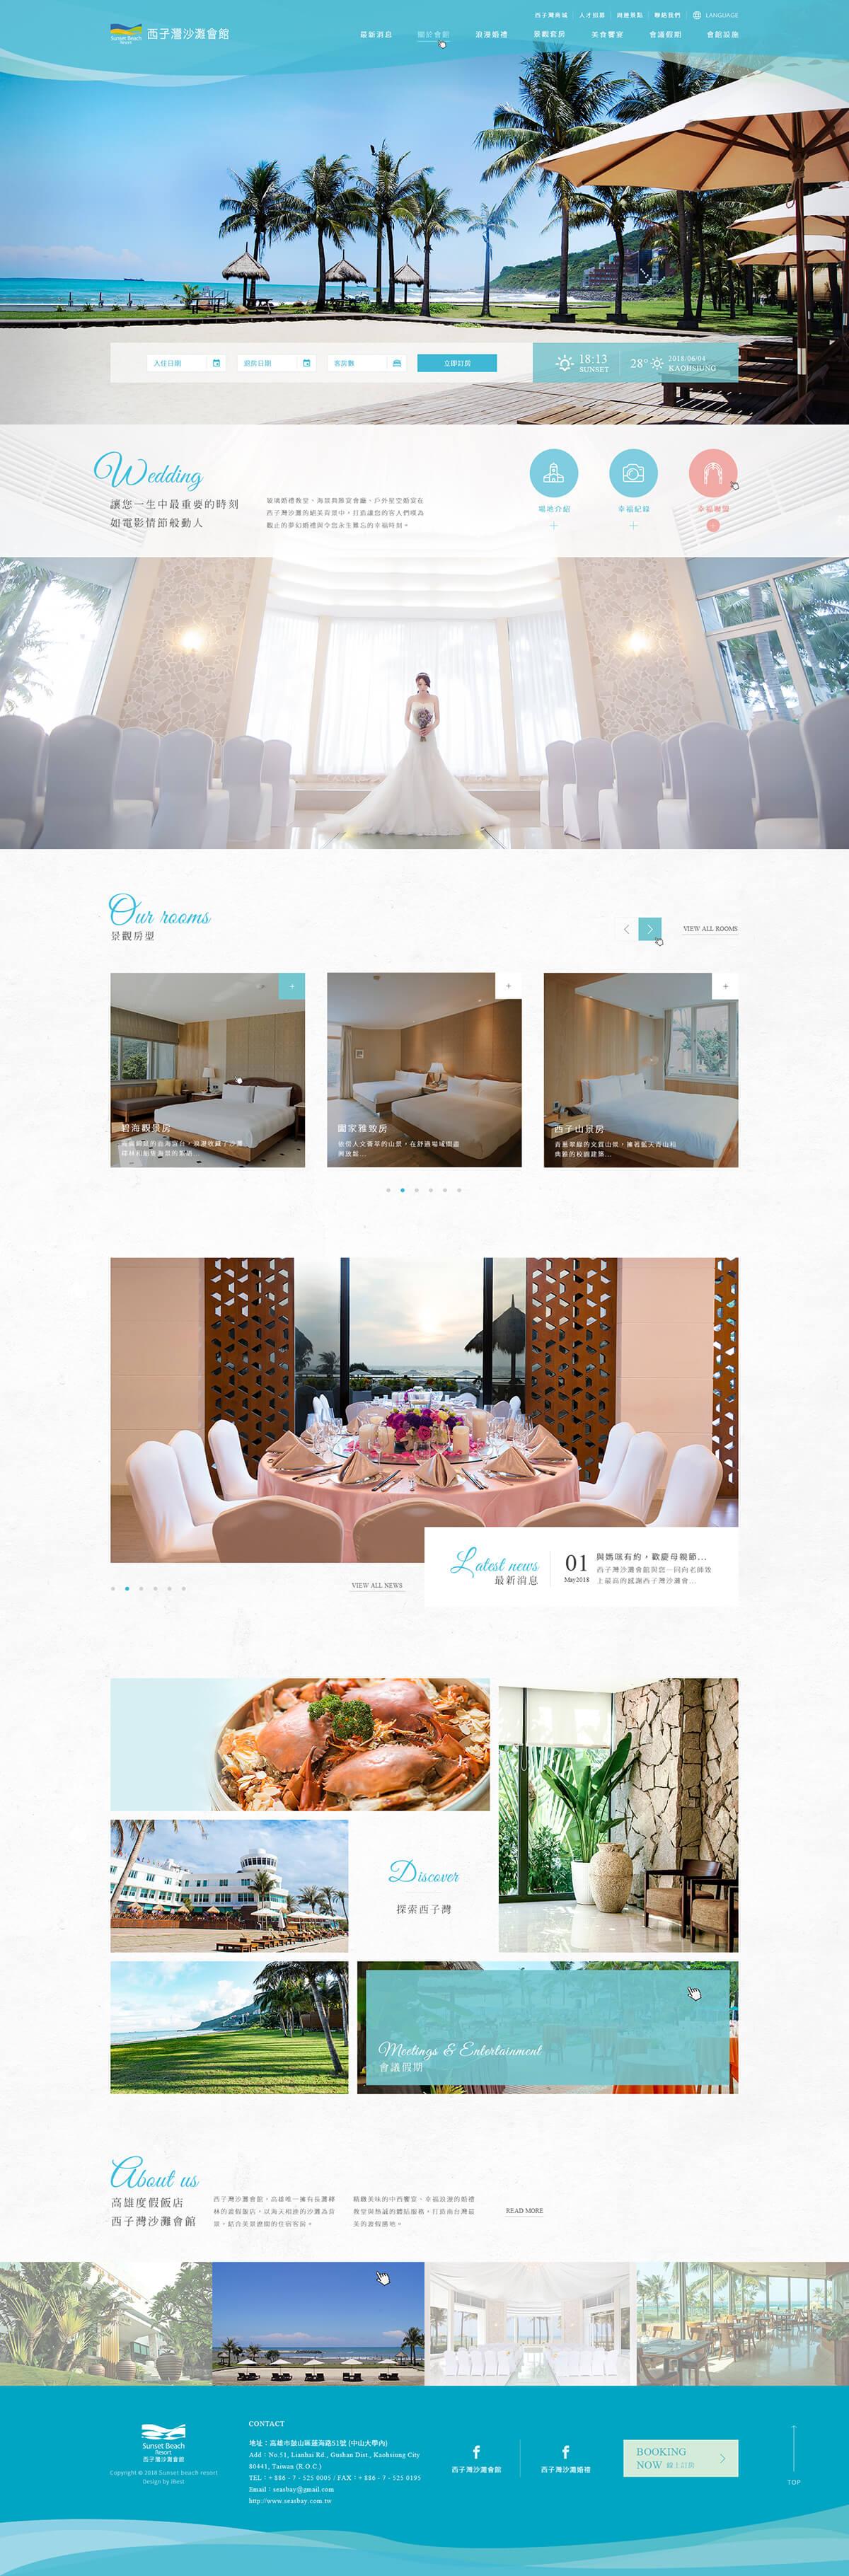 西子灣沙灘會館-網頁設計